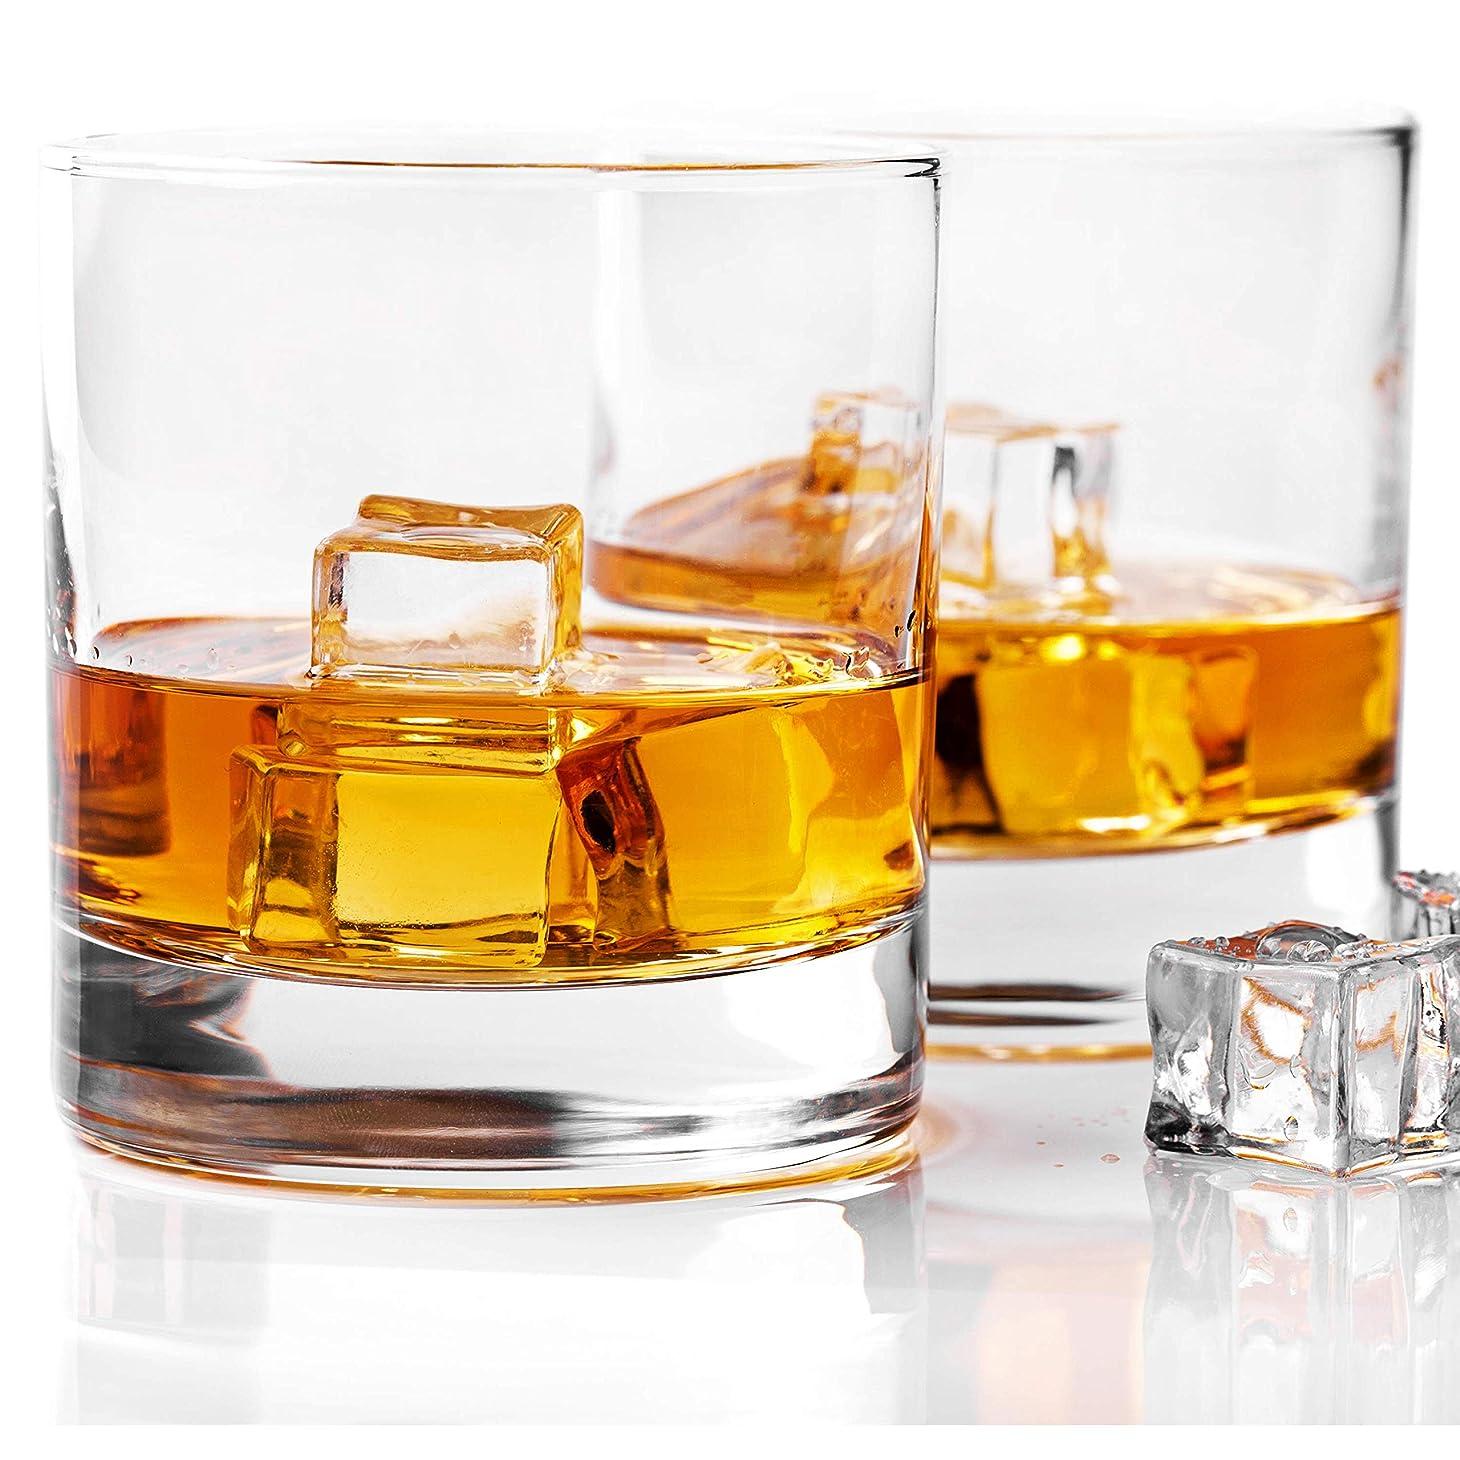 人質インテリアキャッチTaylor'd Milestones グラスウェア社製 ウィスキーグラス プレミアム 10オンス?スコッチグラス ロックスタイルのグラス2個セット バーボンやオールドスタイルカクテルにも